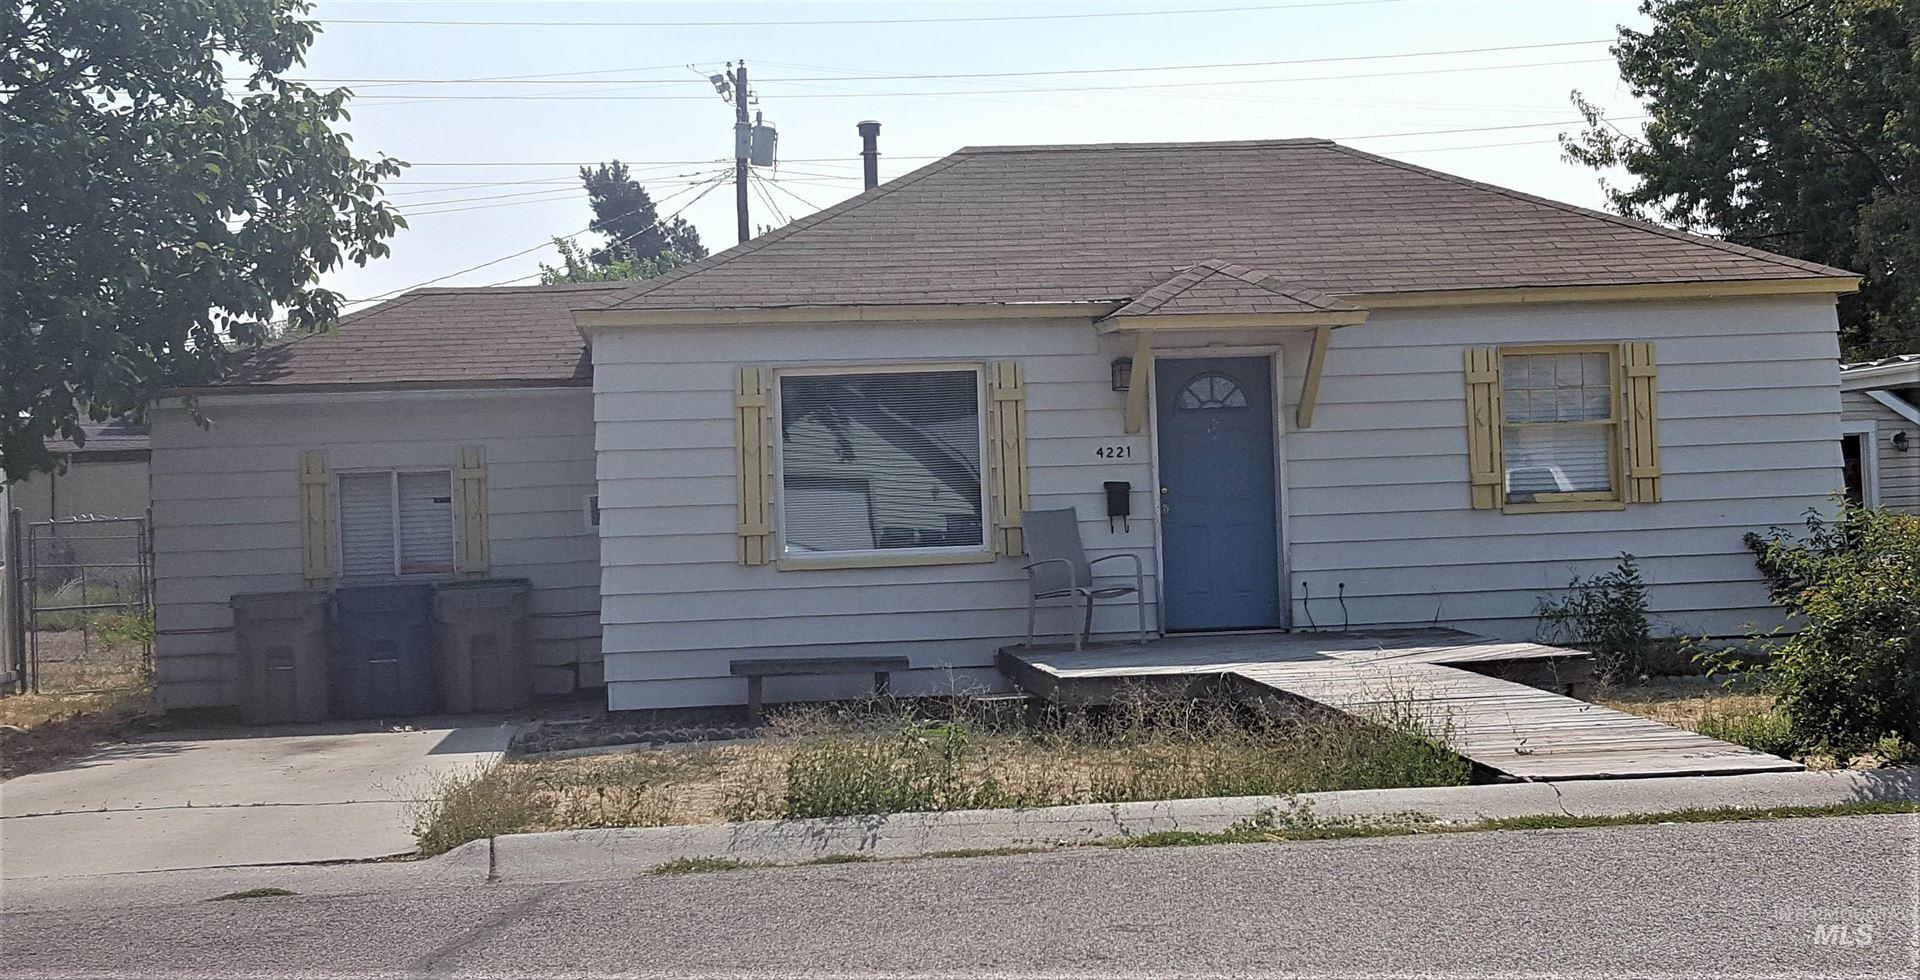 4221 W Marvin, Boise, ID 83705-0000 - MLS#: 98818612